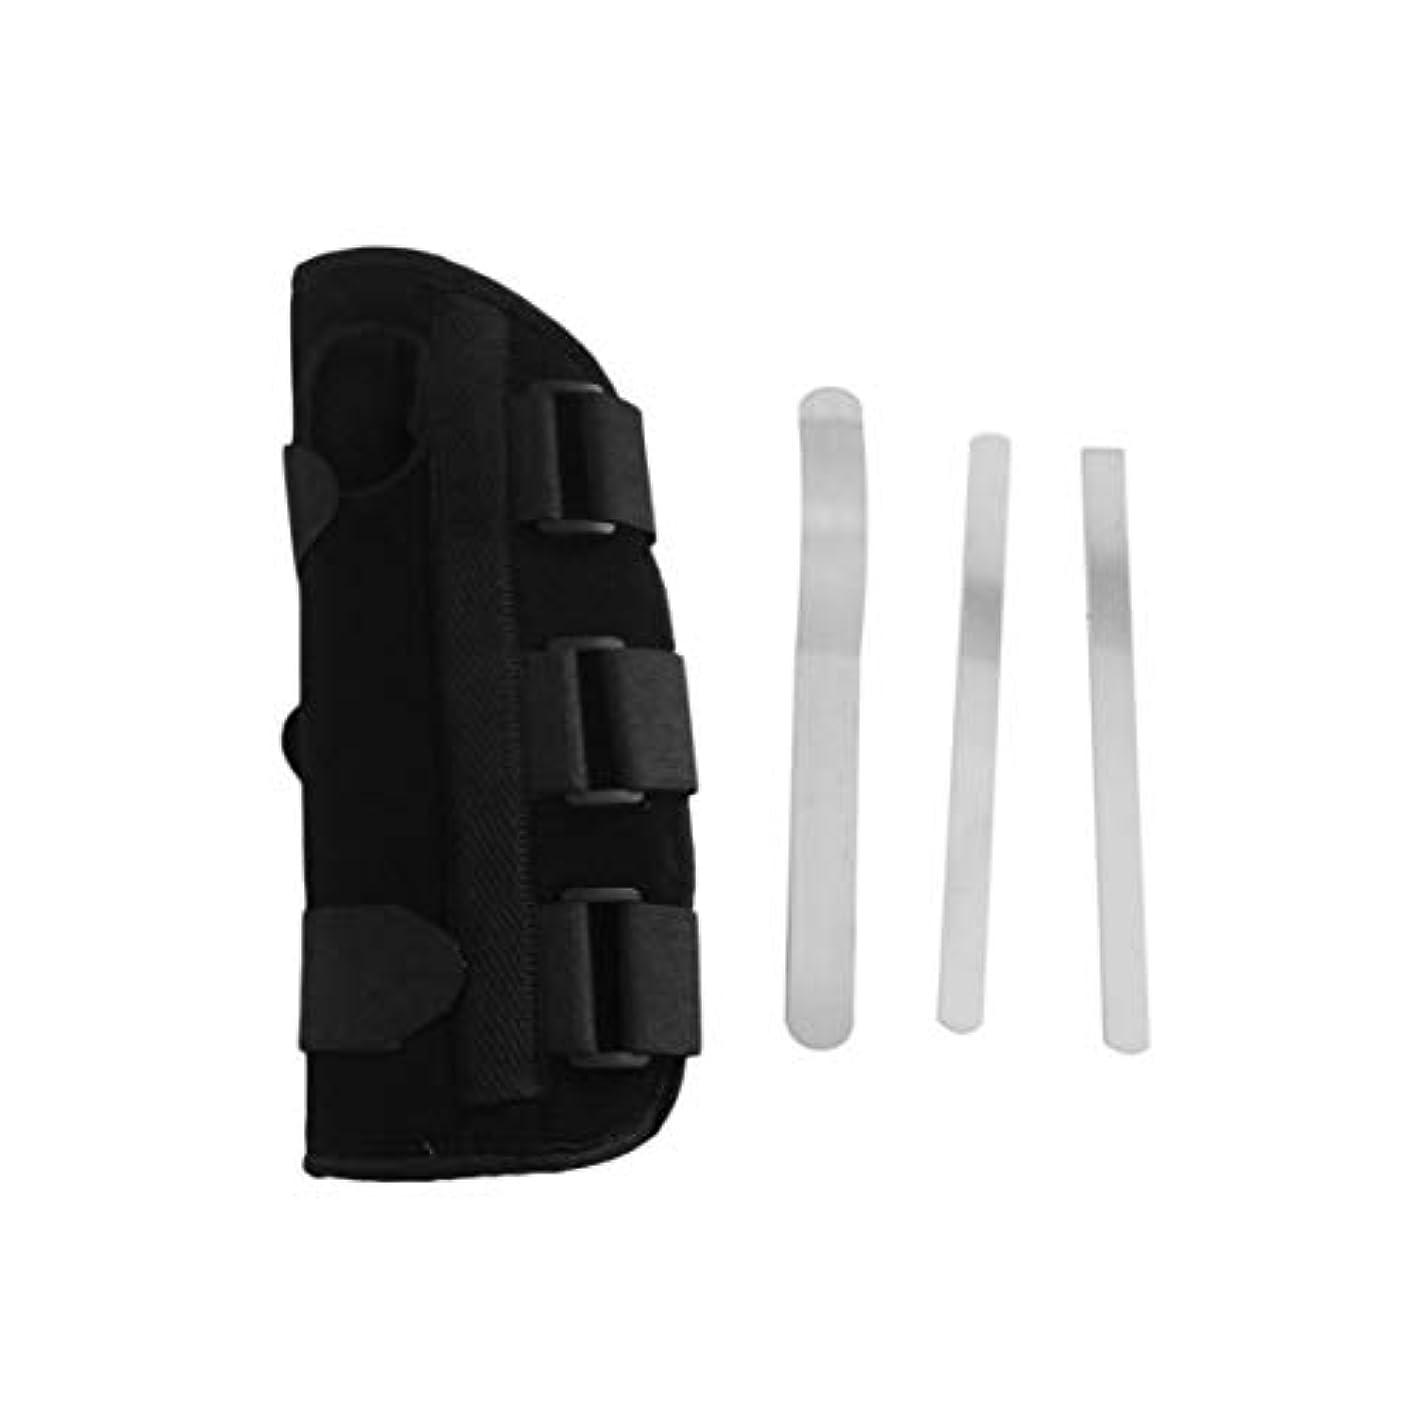 不均一彼の起きて手首副木ブレース保護サポートストラップカルペルトンネルCTS RSI痛み軽減リムーバブル副木快適な軽量ストラップ - ブラックM